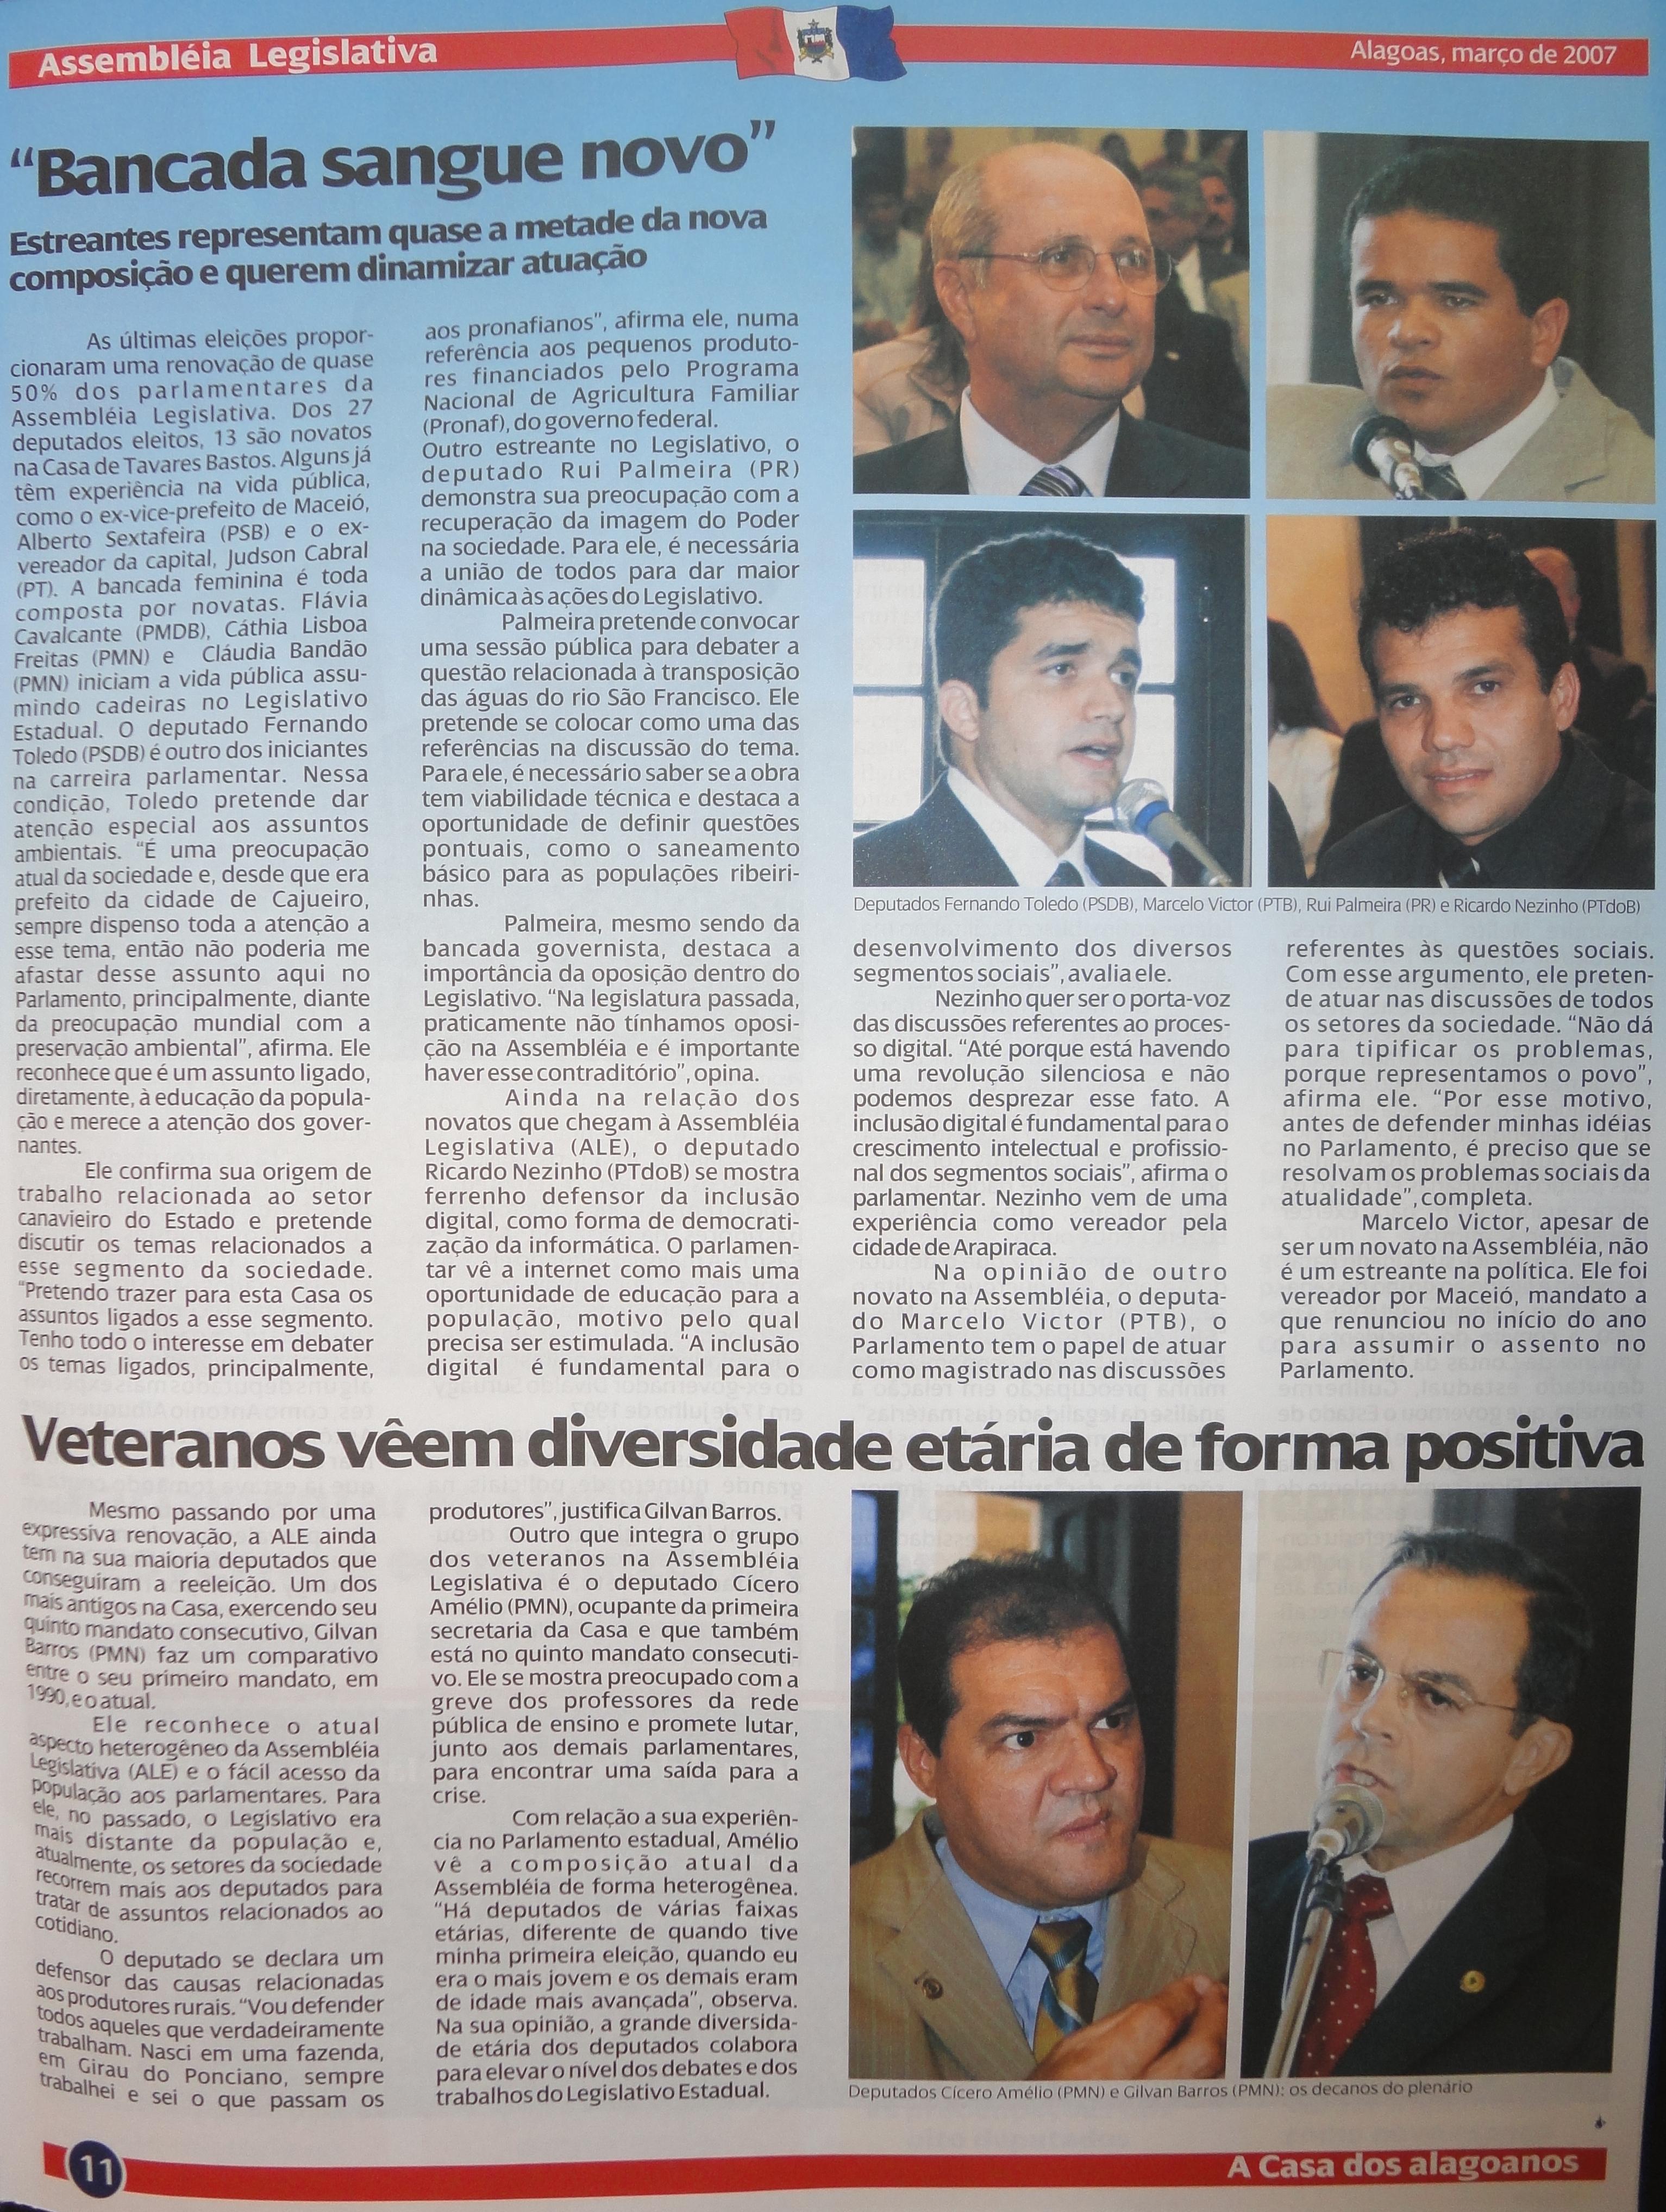 Coleção do Jornal da Assembleia 03-2007.1